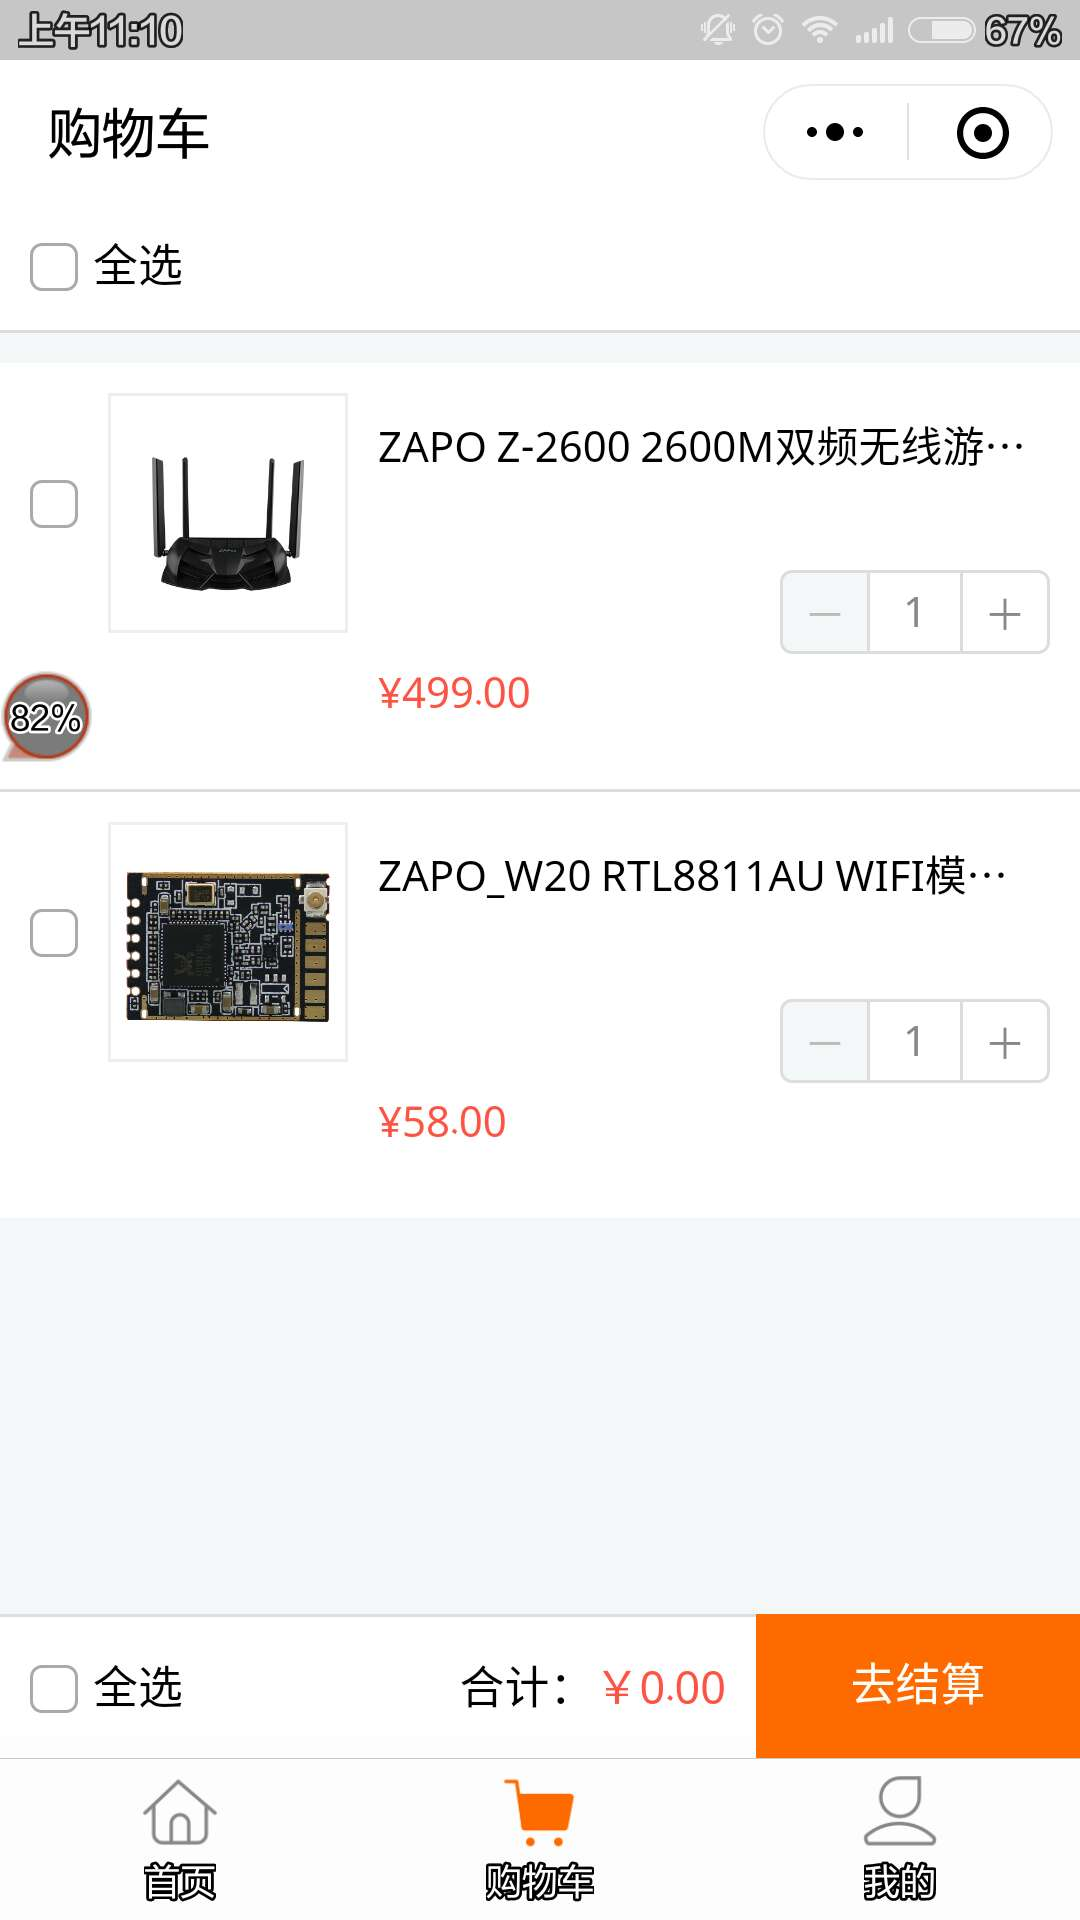 ZAPO品牌无线路由器